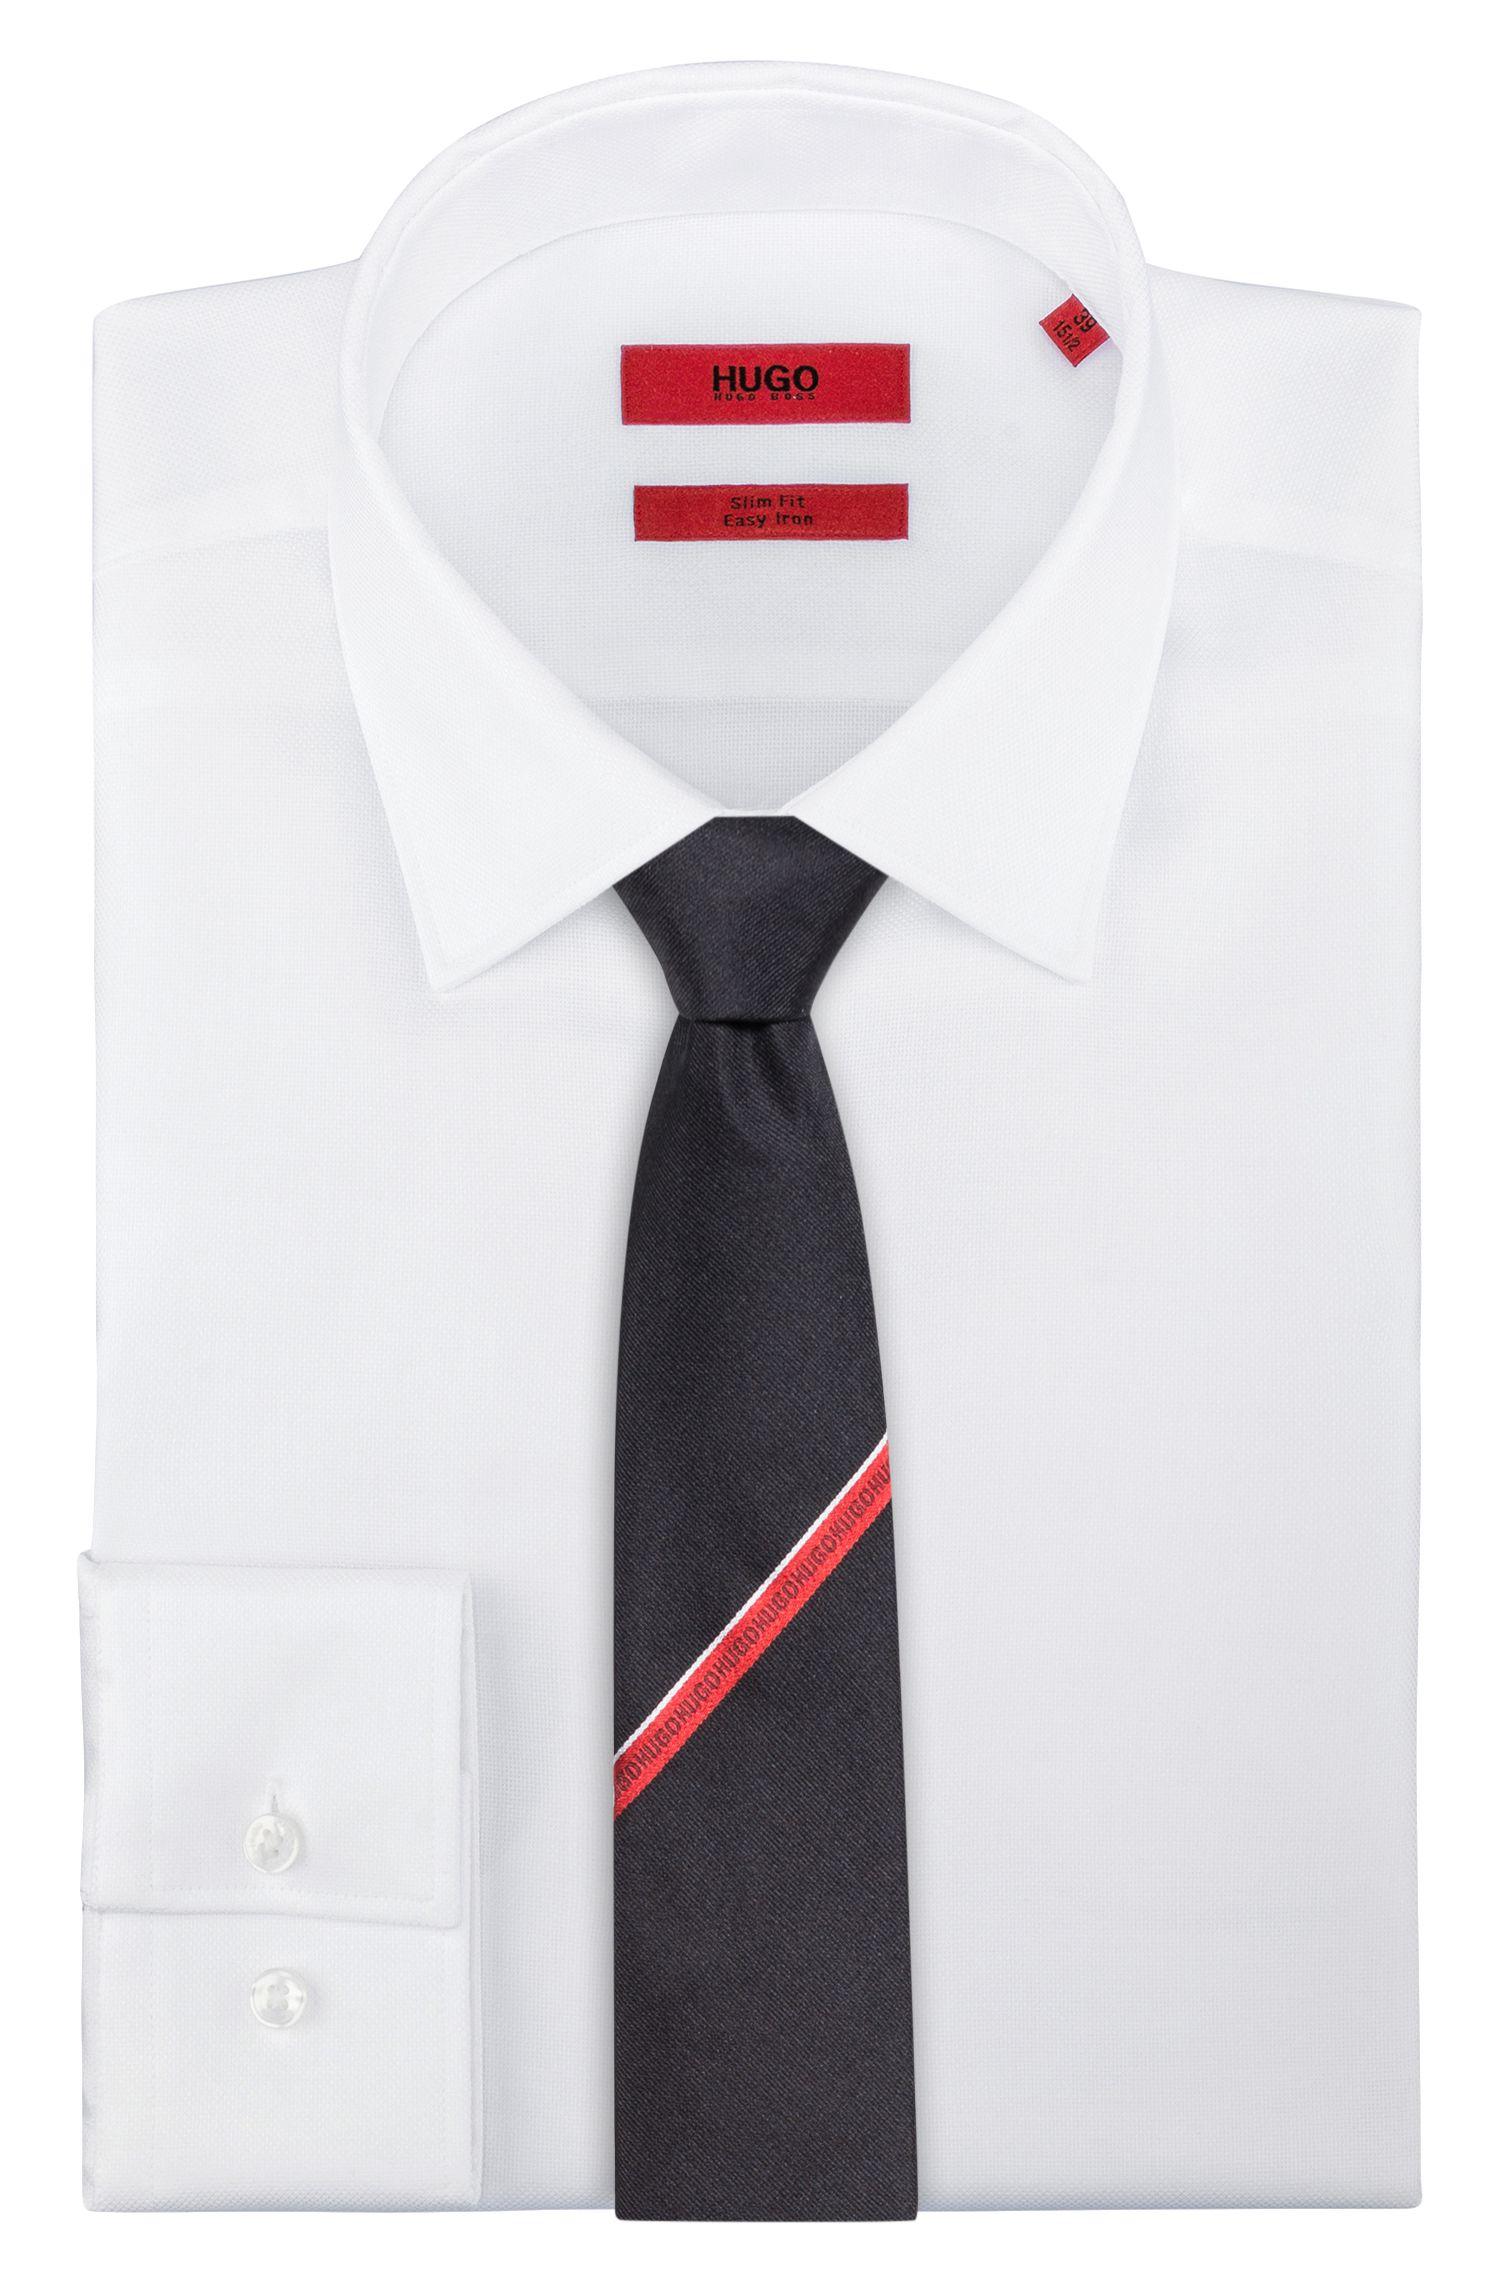 Cravate en soie avec ruban à logo répété, Noir